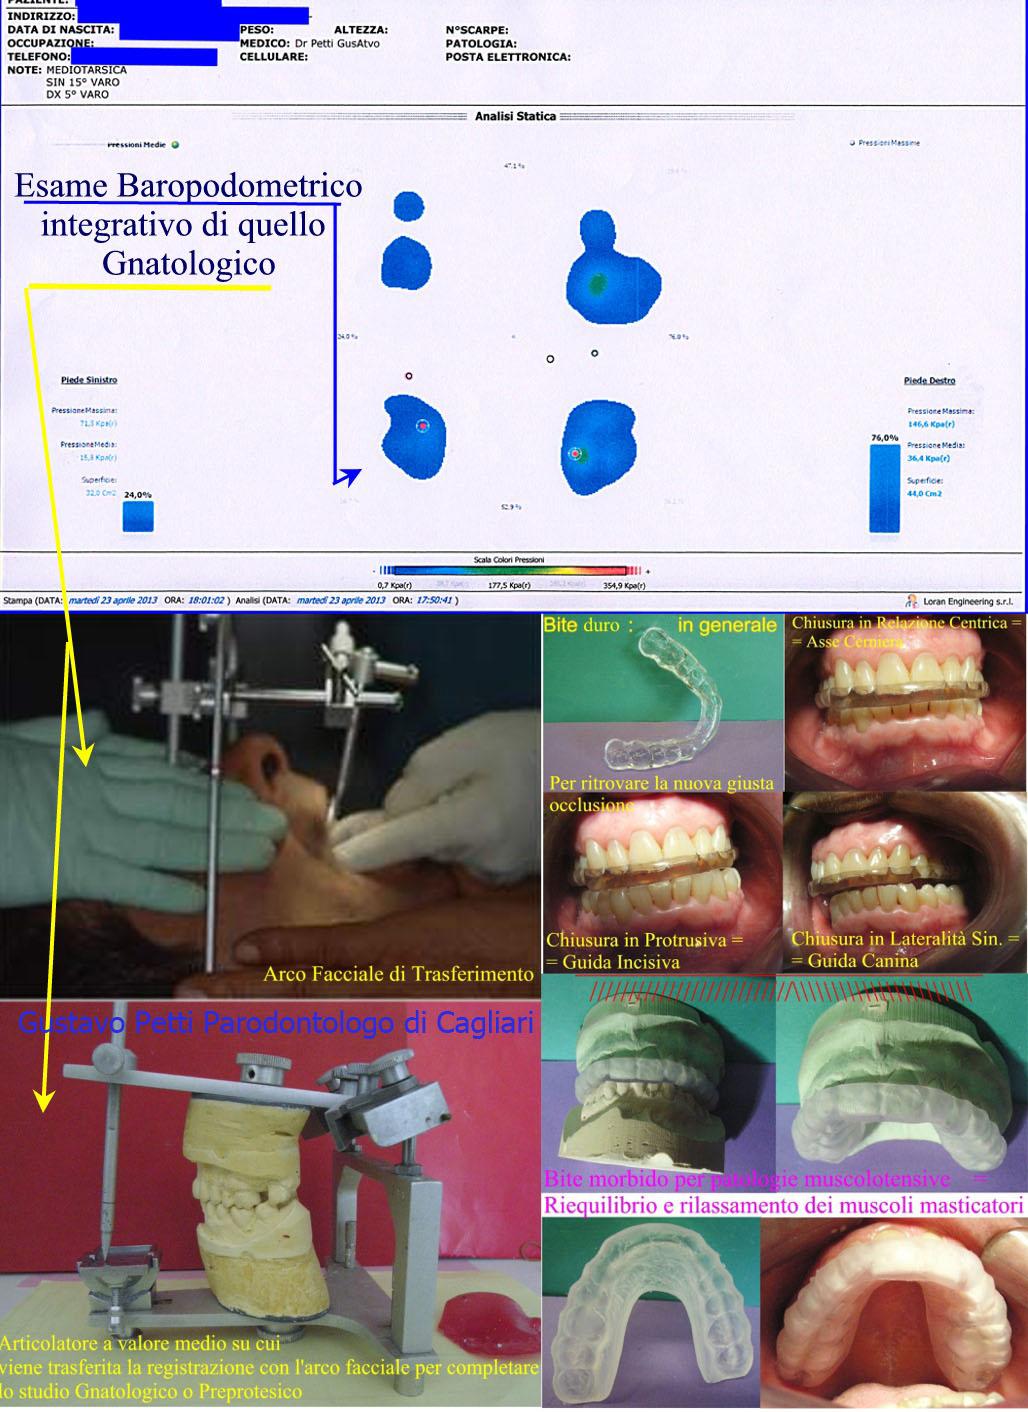 gnatologia-dr-g.petti-cagliari-6.jpg